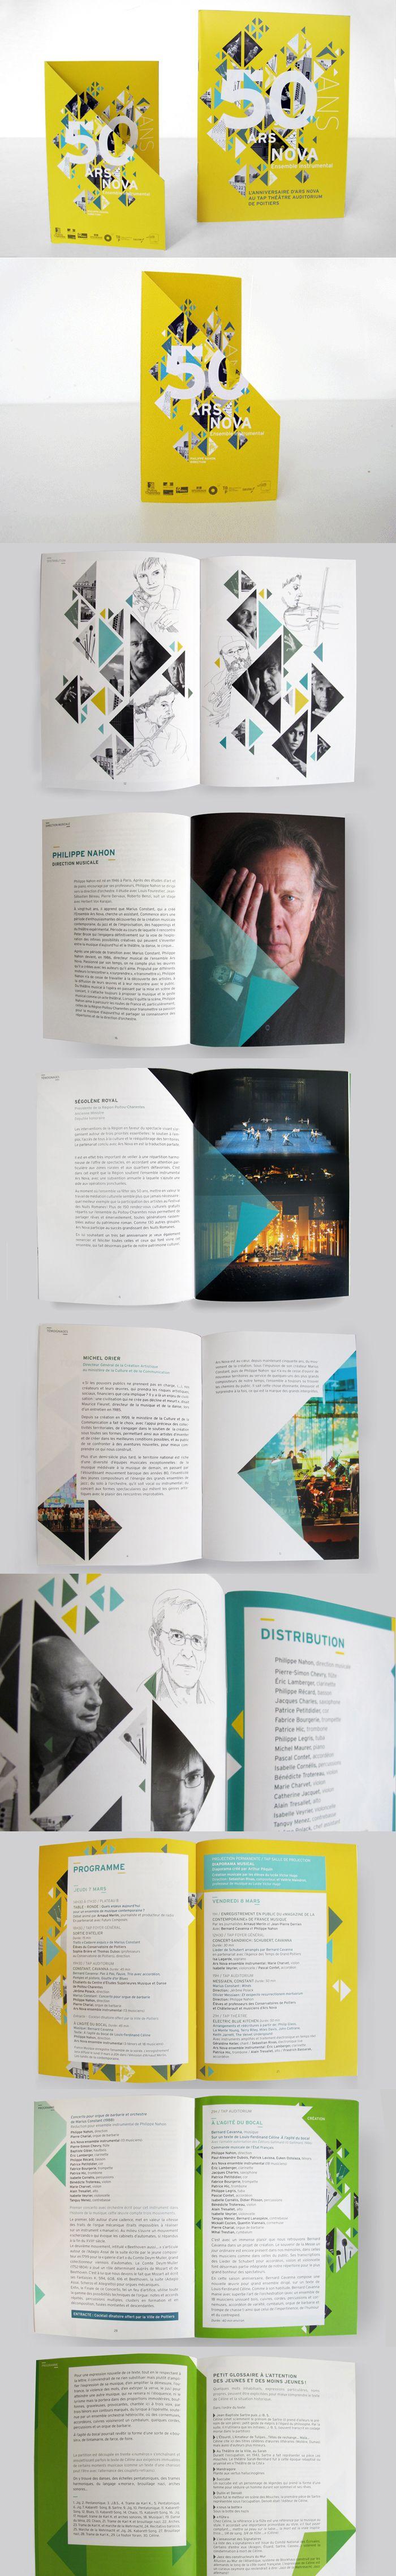 Print - Brochure - Géométrique                                                                                                                                                                                 Plus